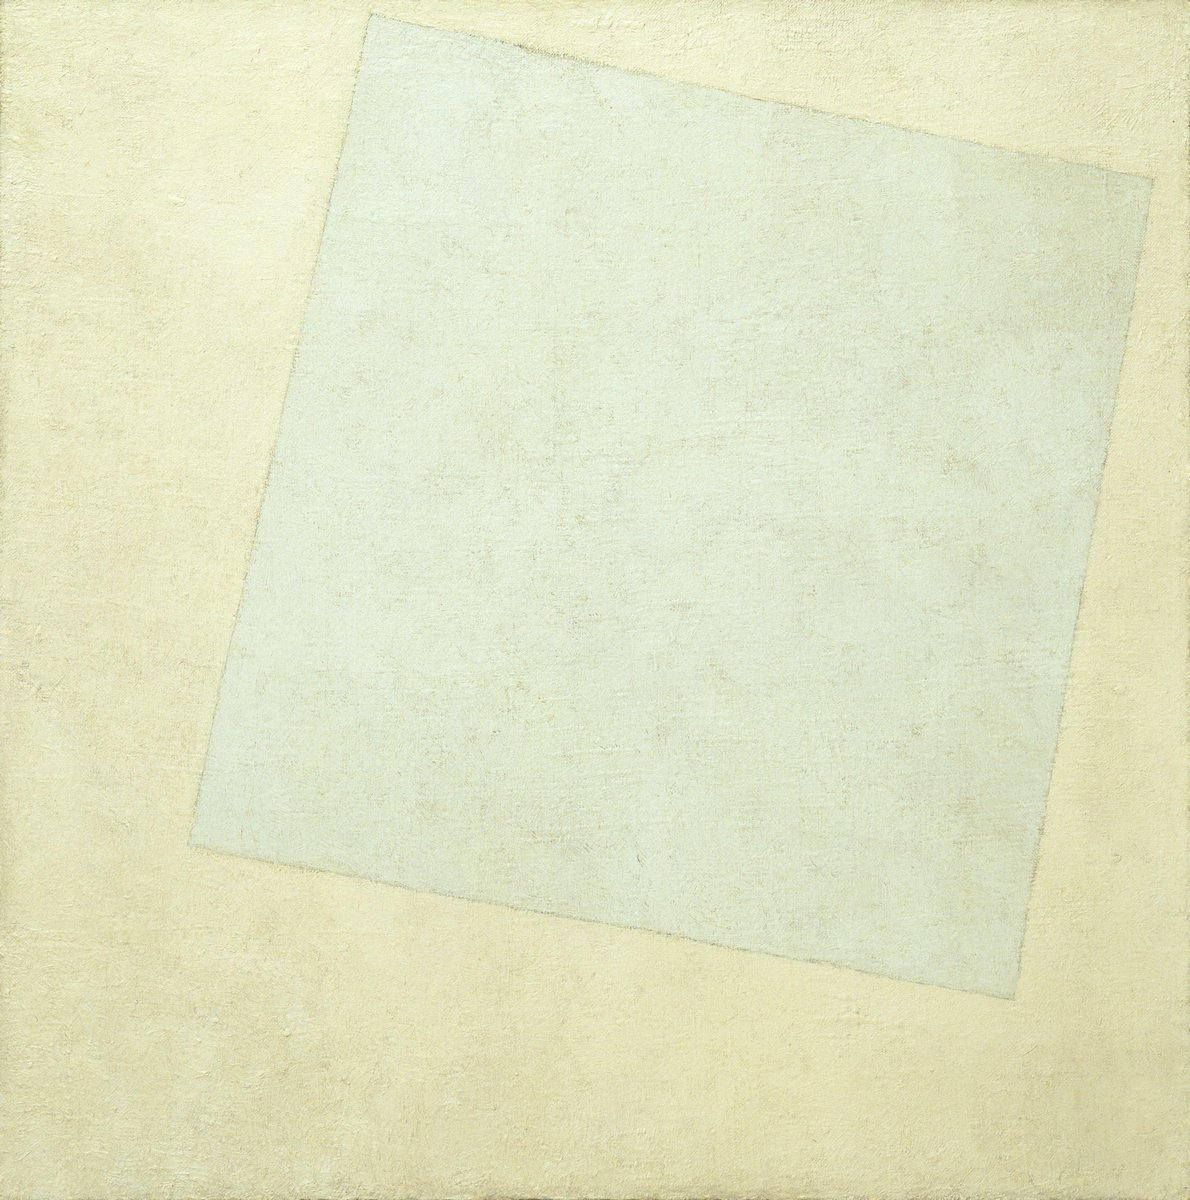 Малевич Казимир, картина Белое на беломМалевич Казимир<br>Репродукция на холсте или бумаге. Любого нужного вам размера. В раме или без. Подвес в комплекте. Трехслойная надежная упаковка. Доставим в любую точку России. Вам осталось только повесить картину на стену!<br>